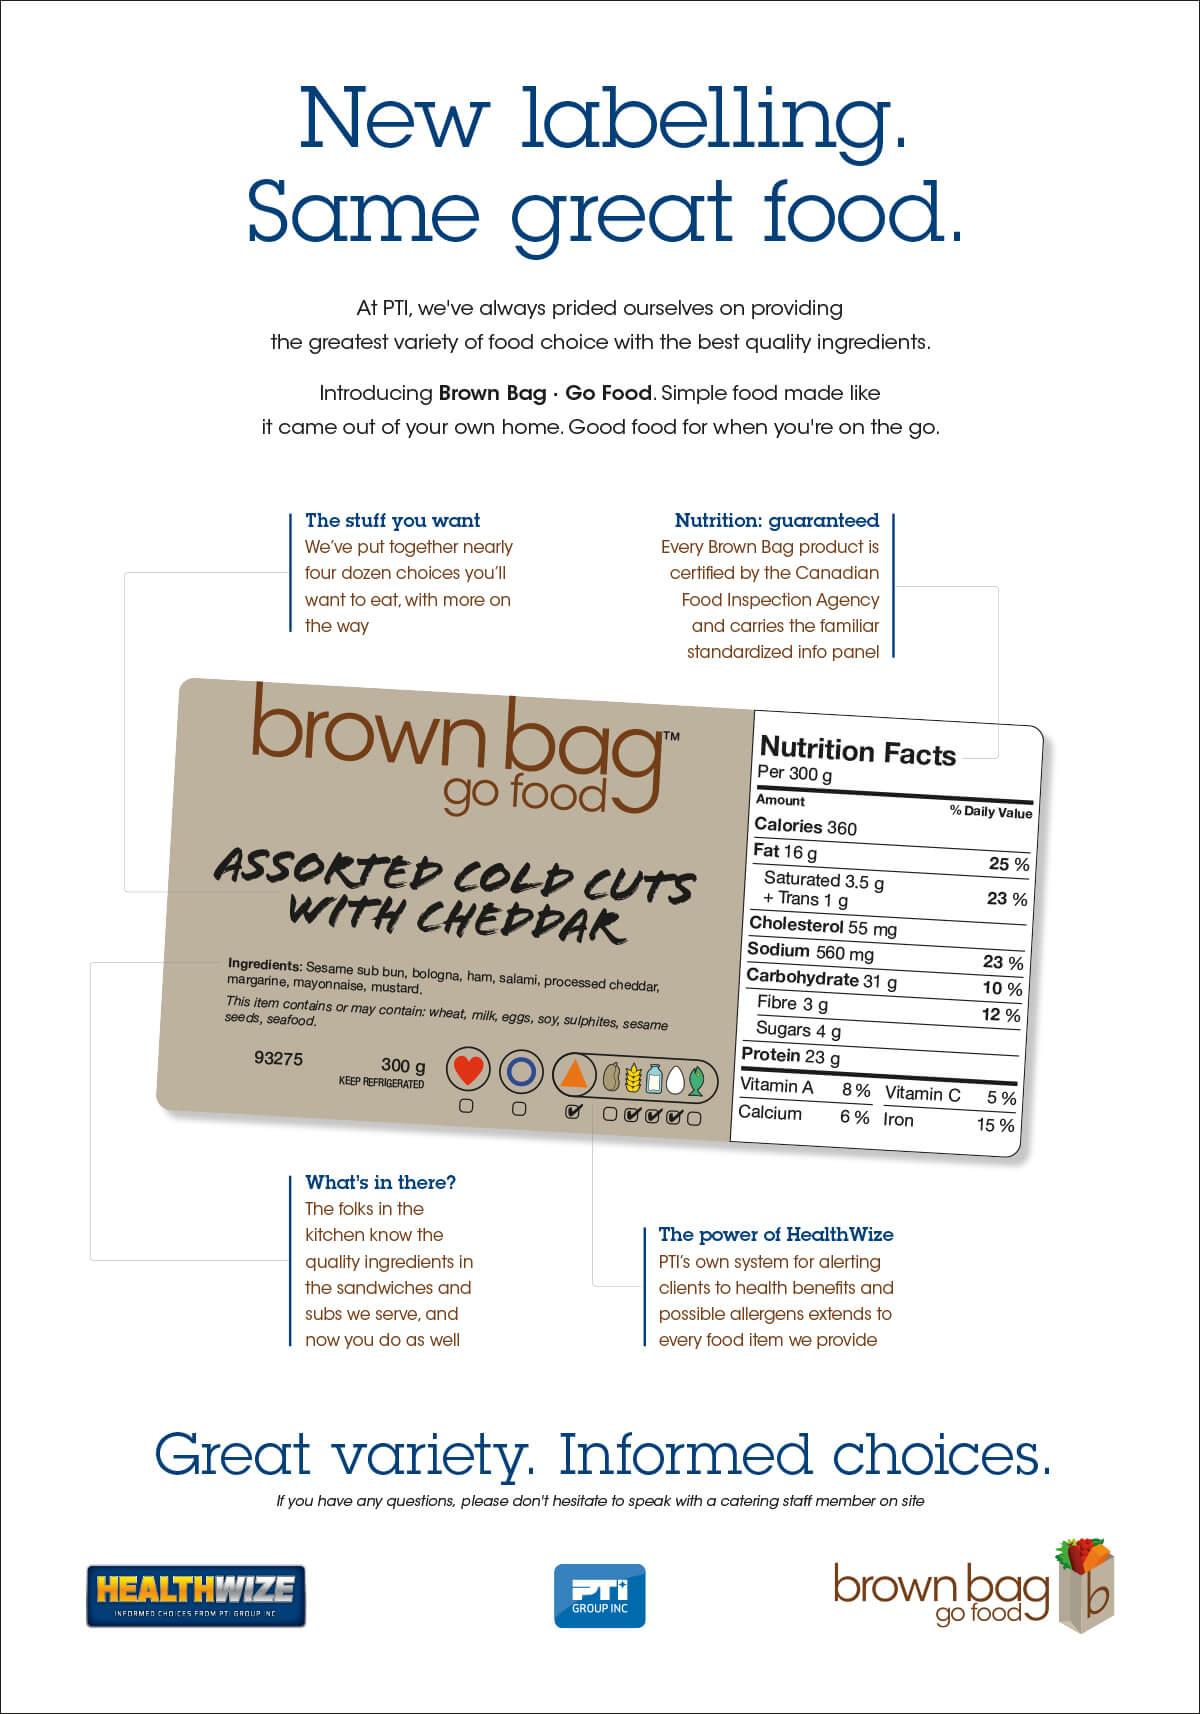 Brown Bag Poster